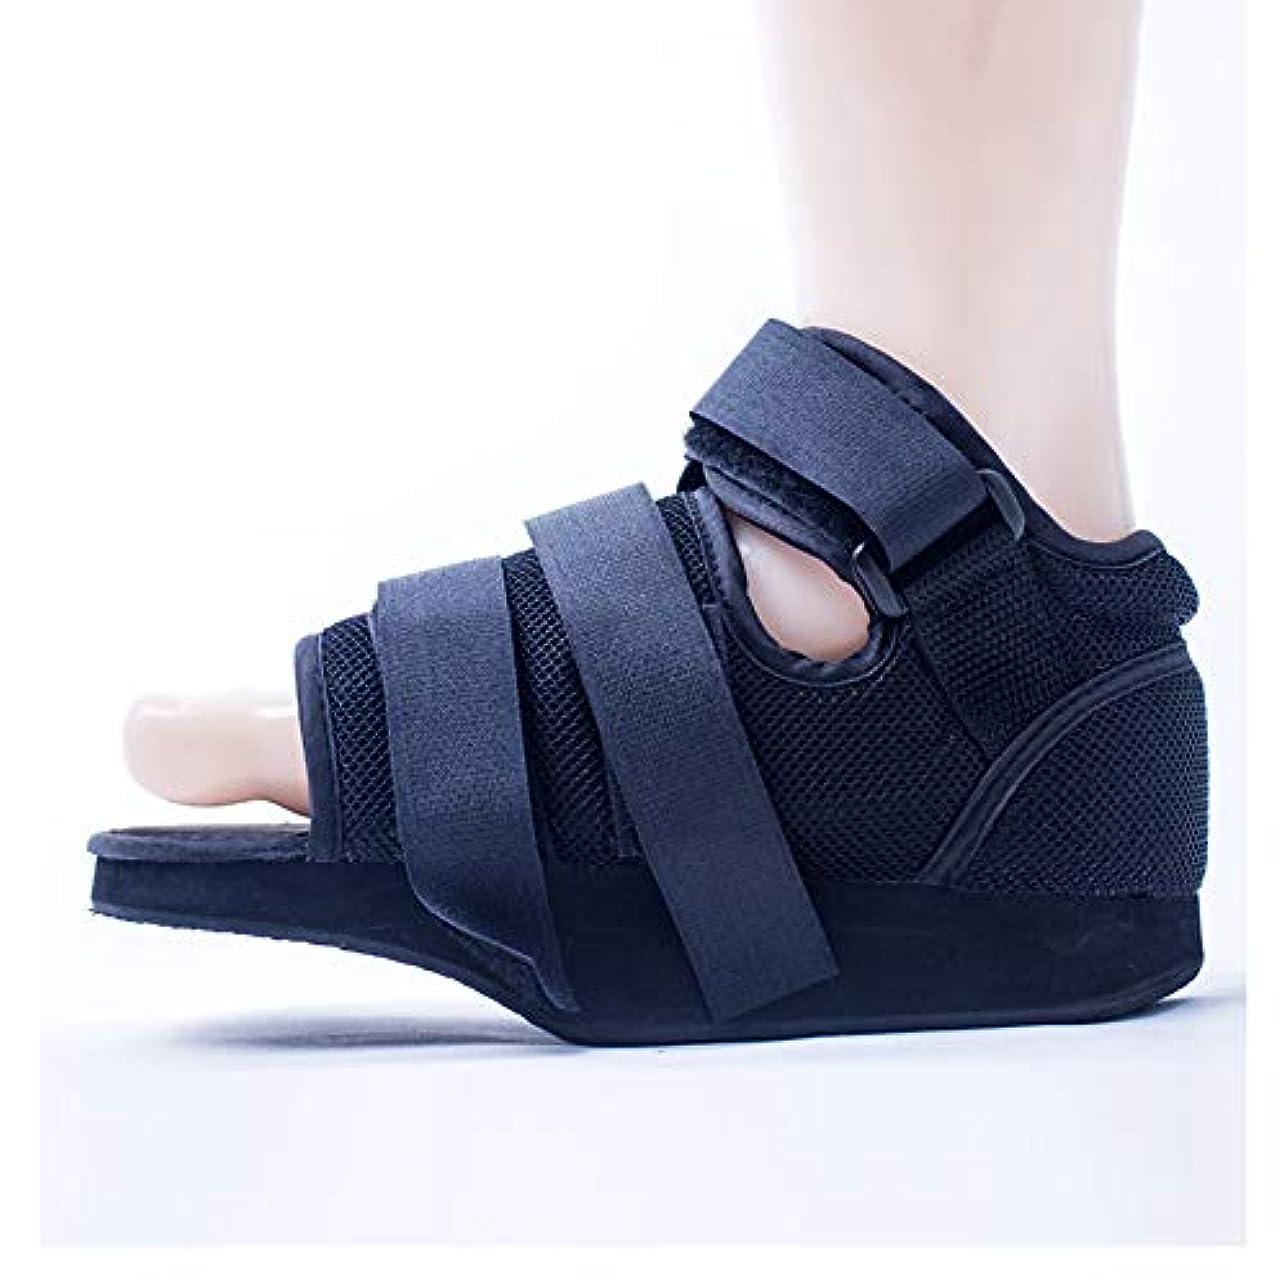 カロリー一生不調和壊れたつま先/足の骨折のための術後スクエアトゥウォーキングシューズ - ボトムキャストシューズ術後の靴 - 調節可能な医療ウォーキングブーツ (Size : L)